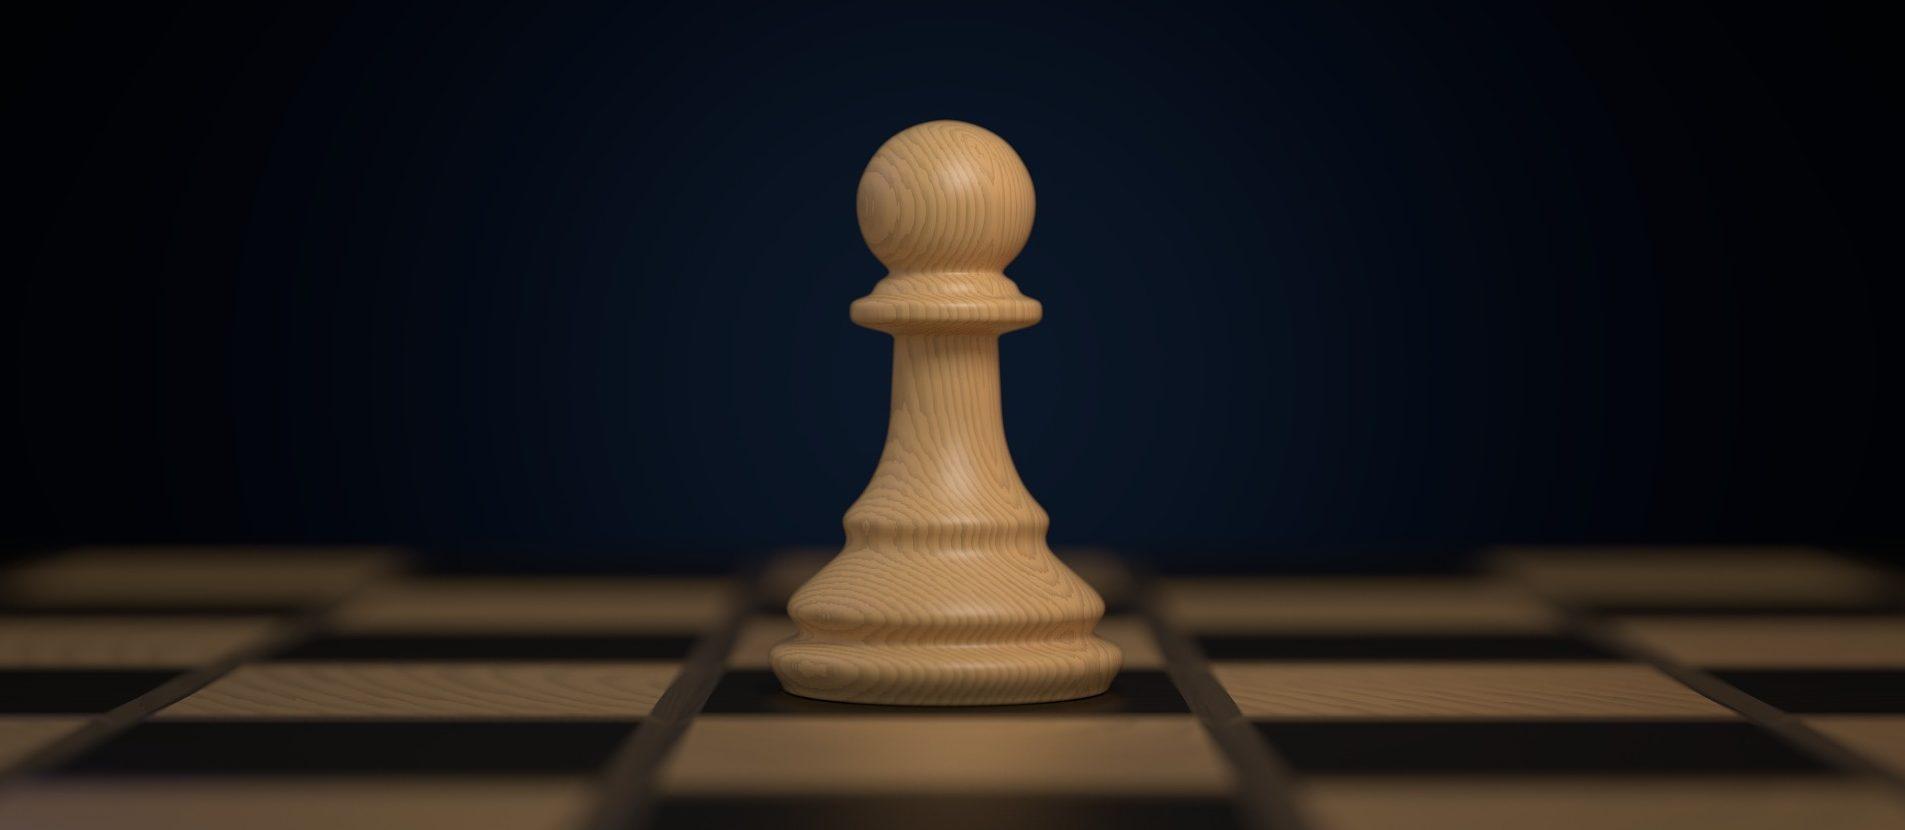 chess-1251254_1920